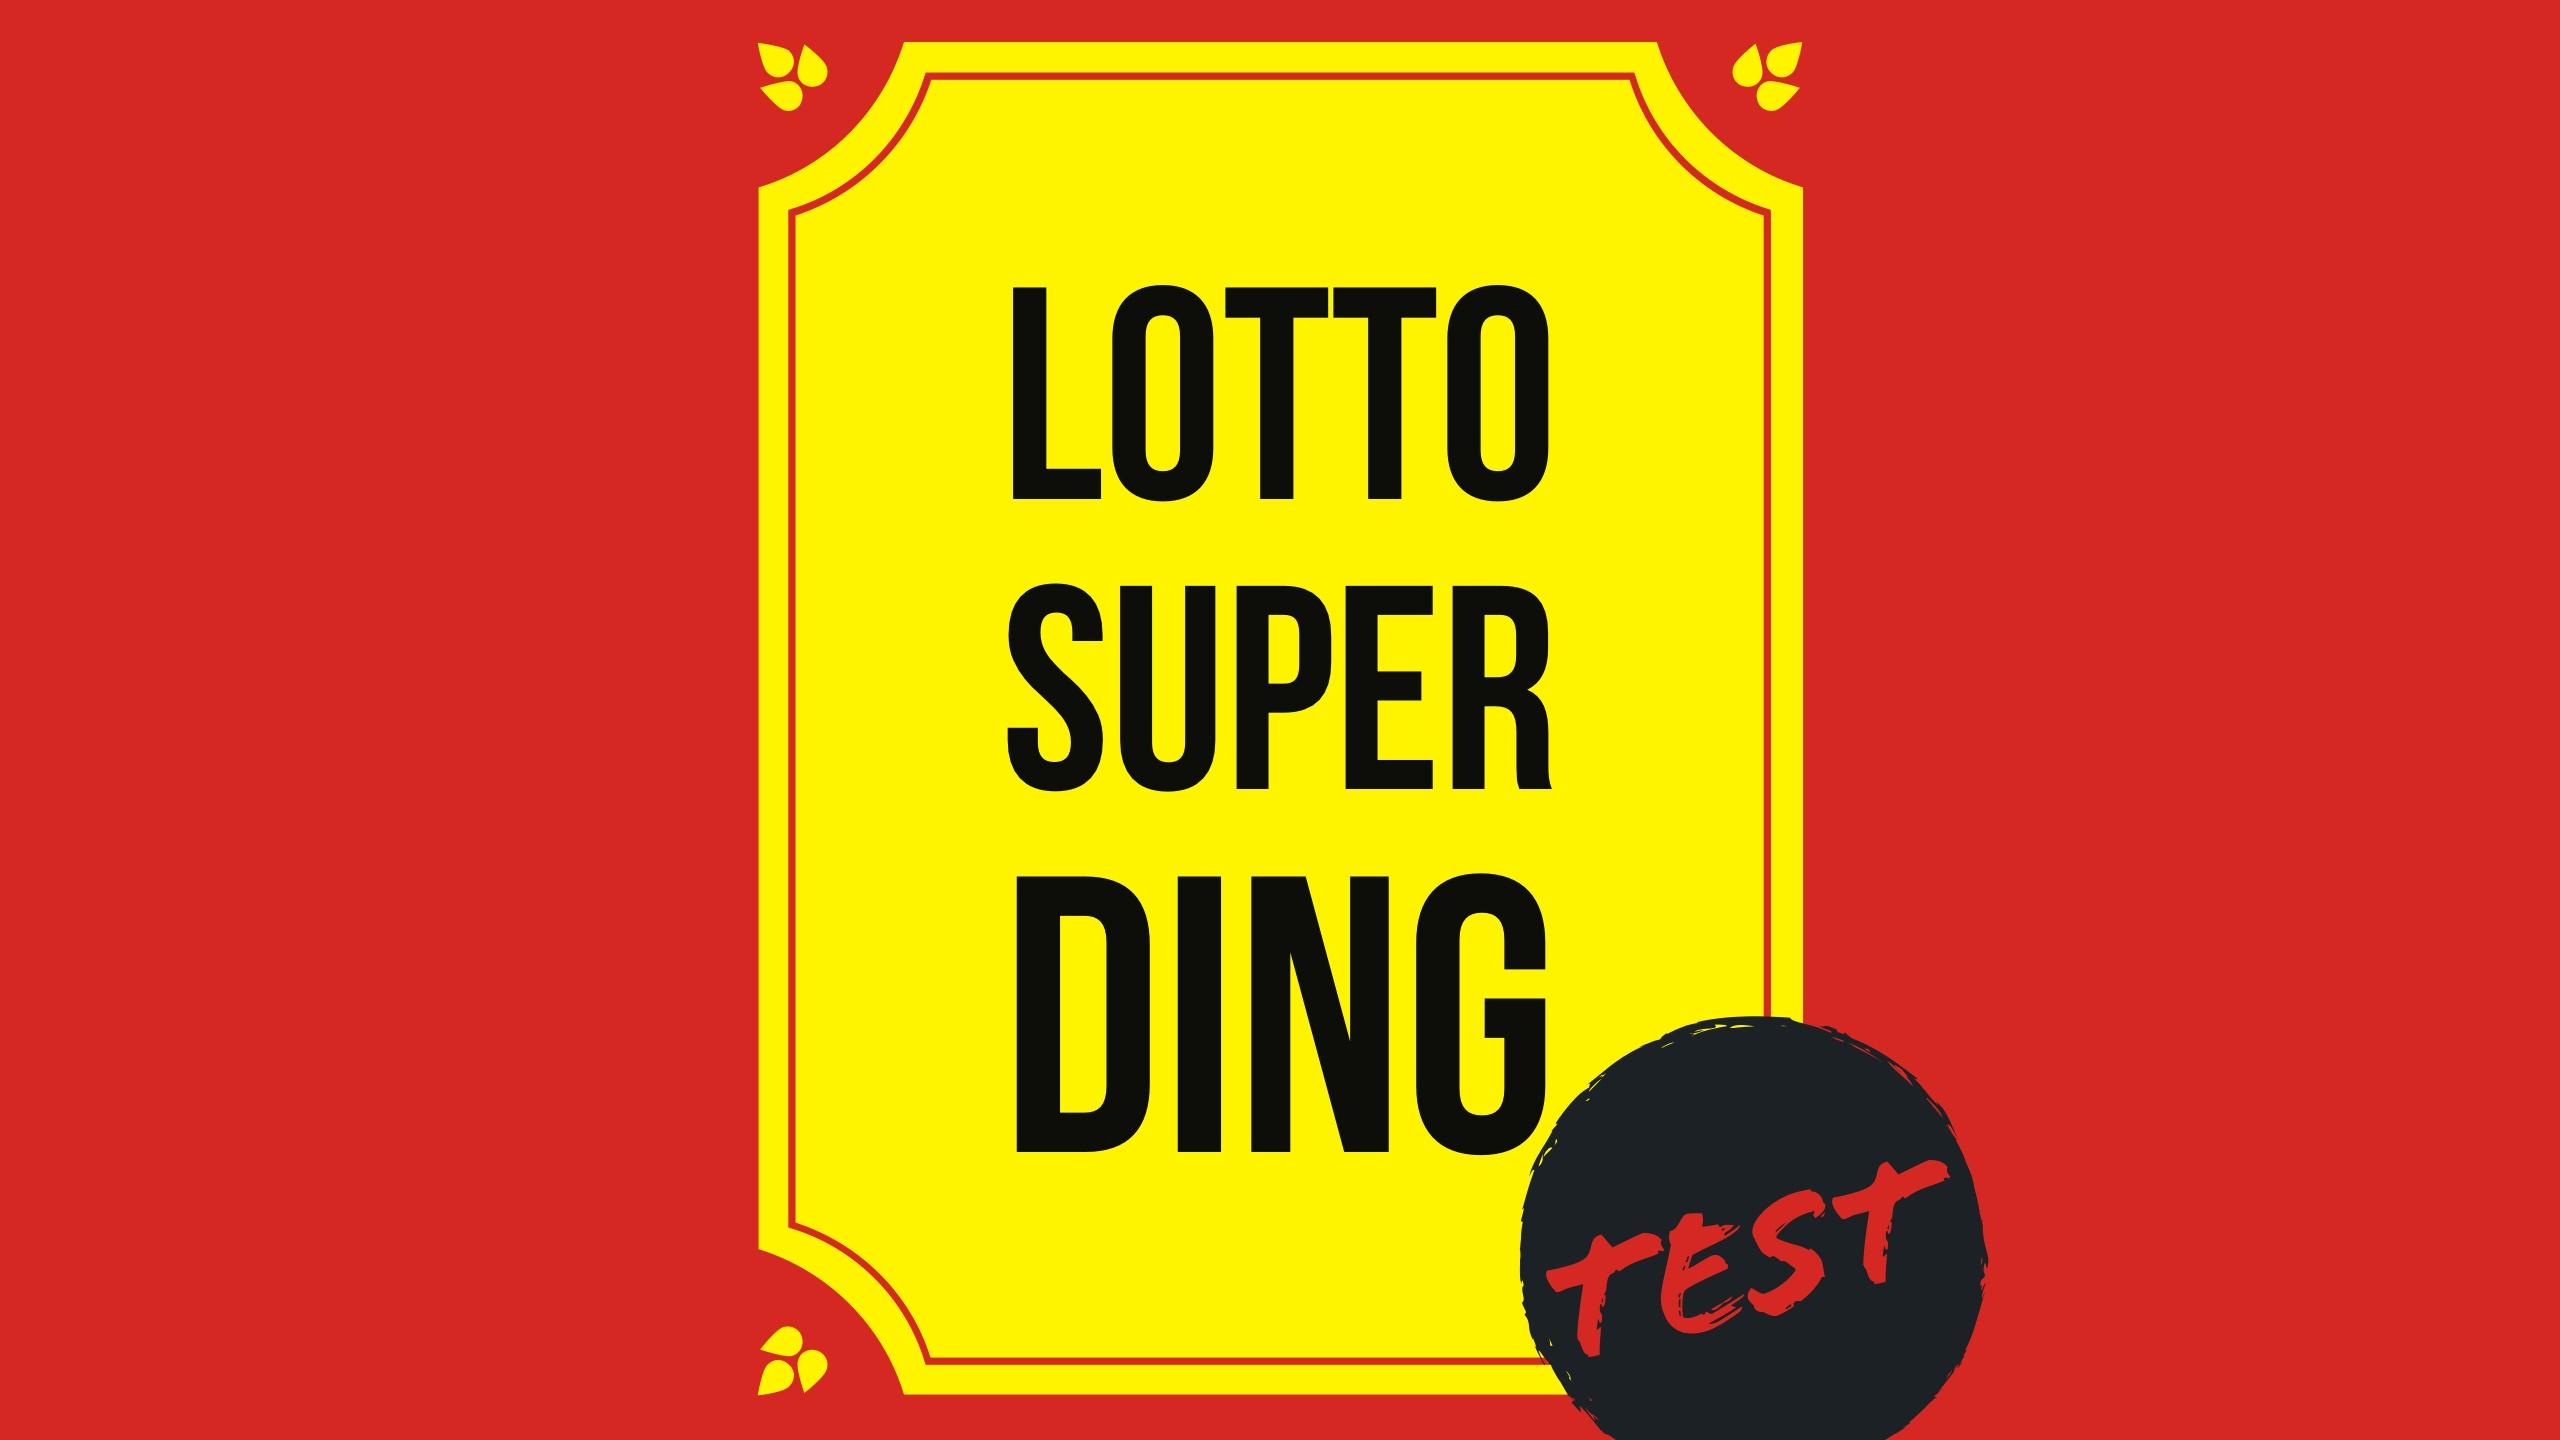 Lotto Superding Plus